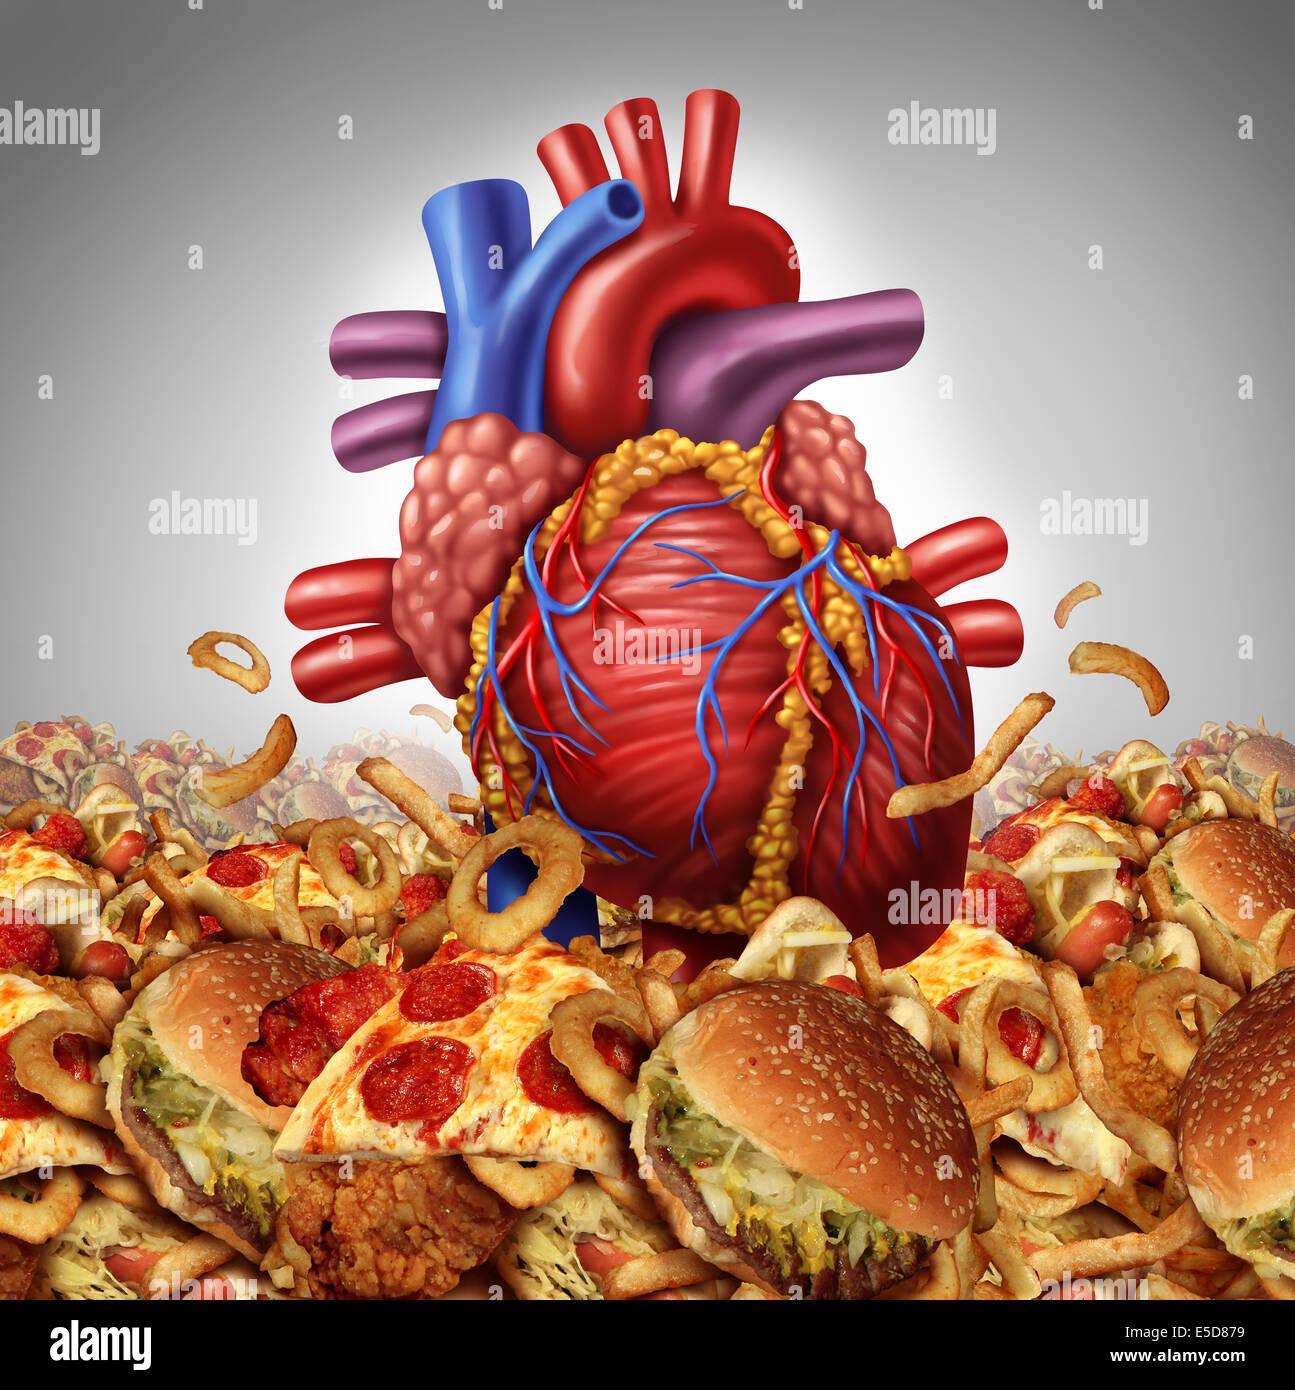 Le risque de maladie cardiaque et symbole de santé et de nutrition concept comme un organe cardio-vasculaire Photo Stock